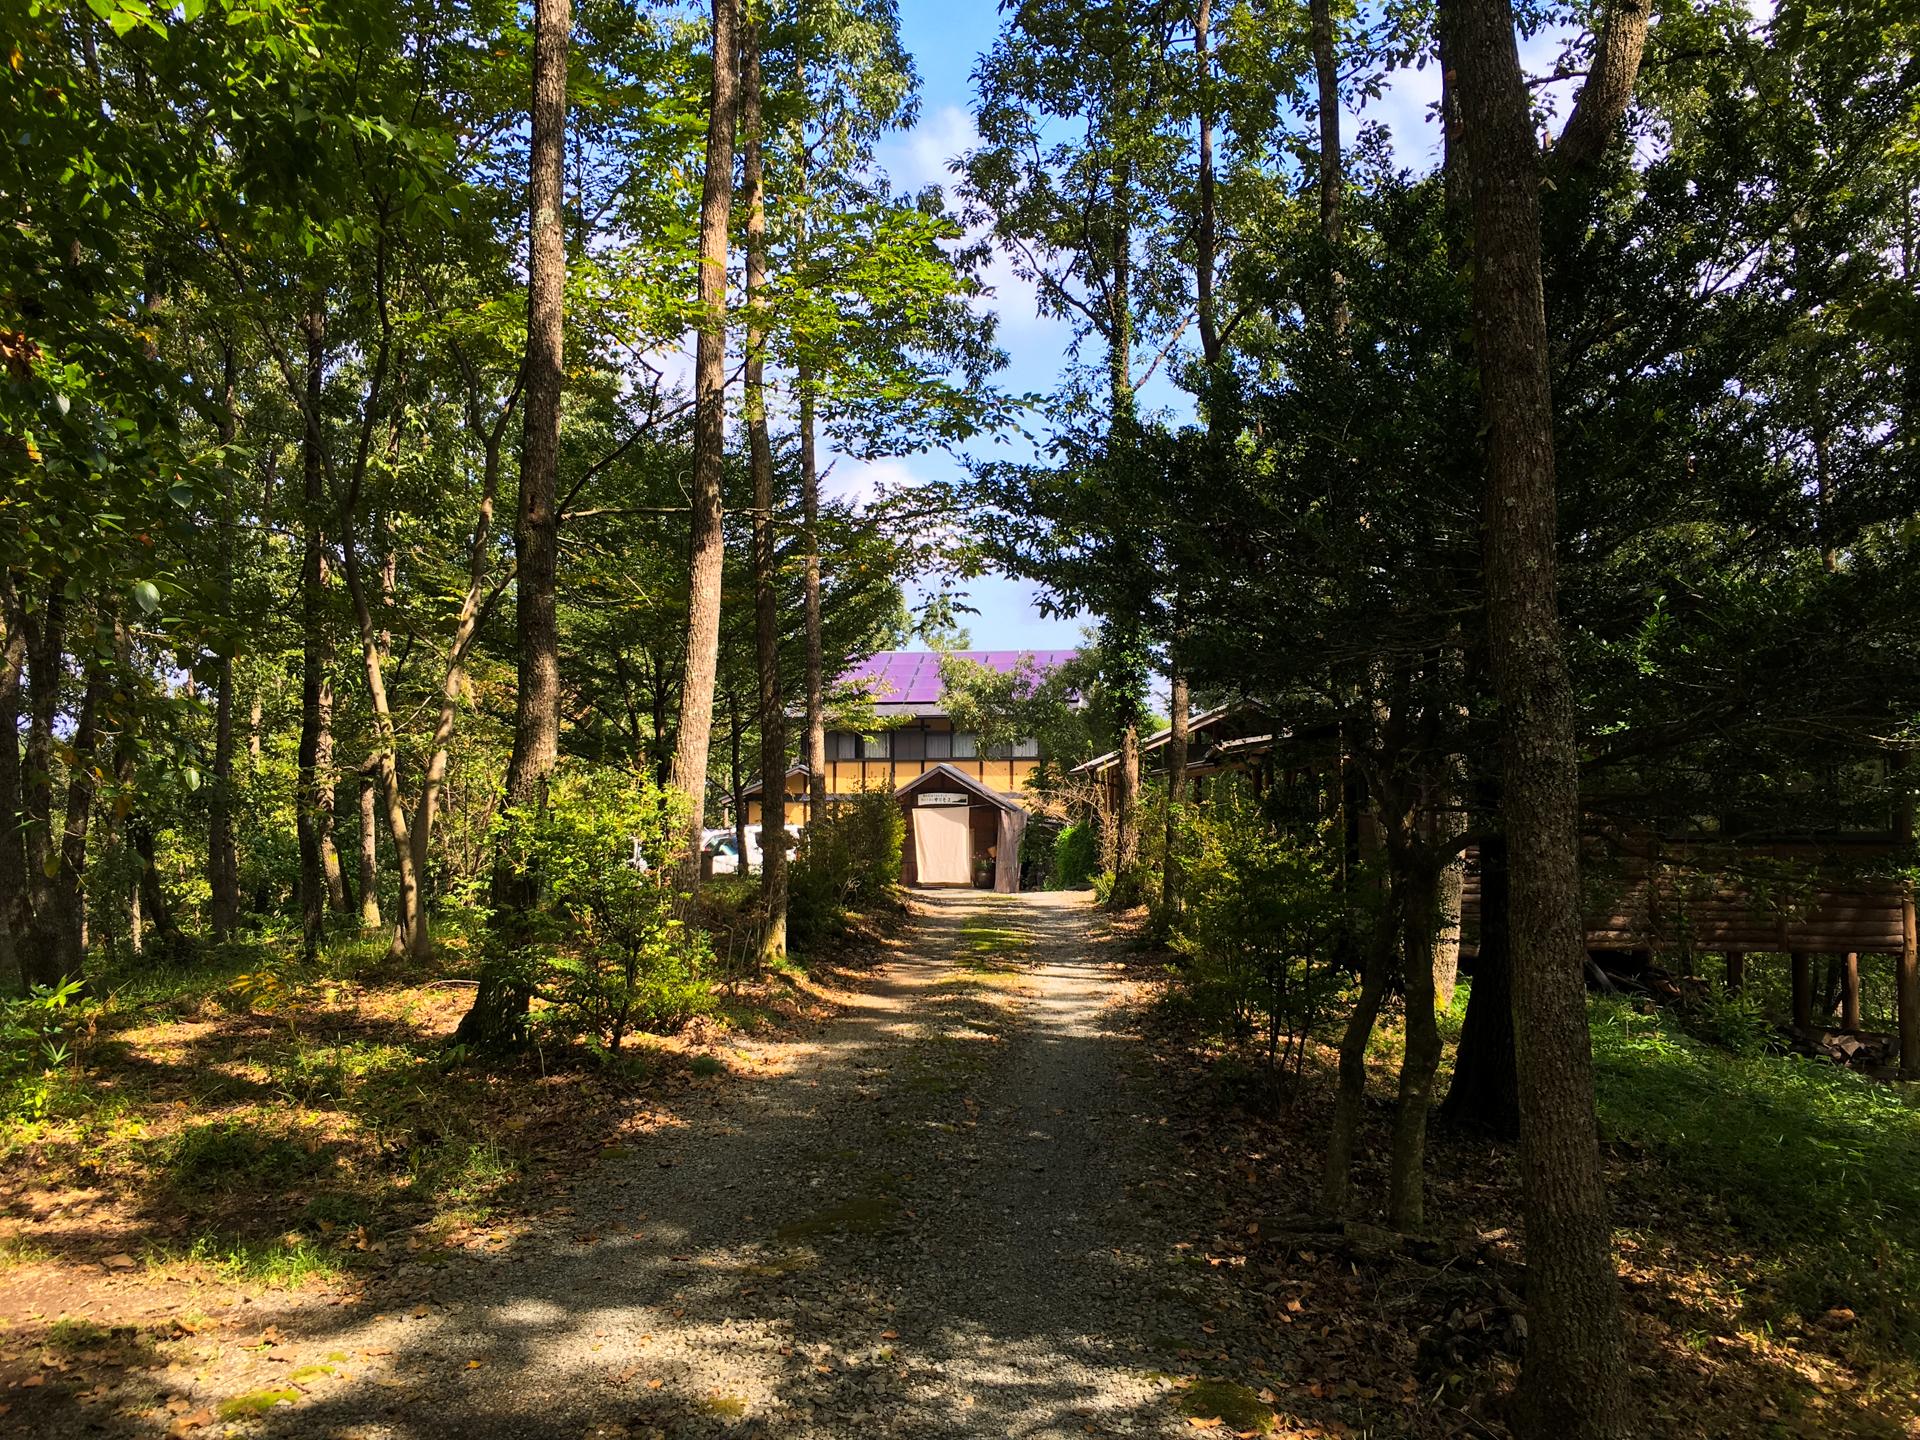 森の中の レストラン ホテル 旅館 宿泊 サリモス